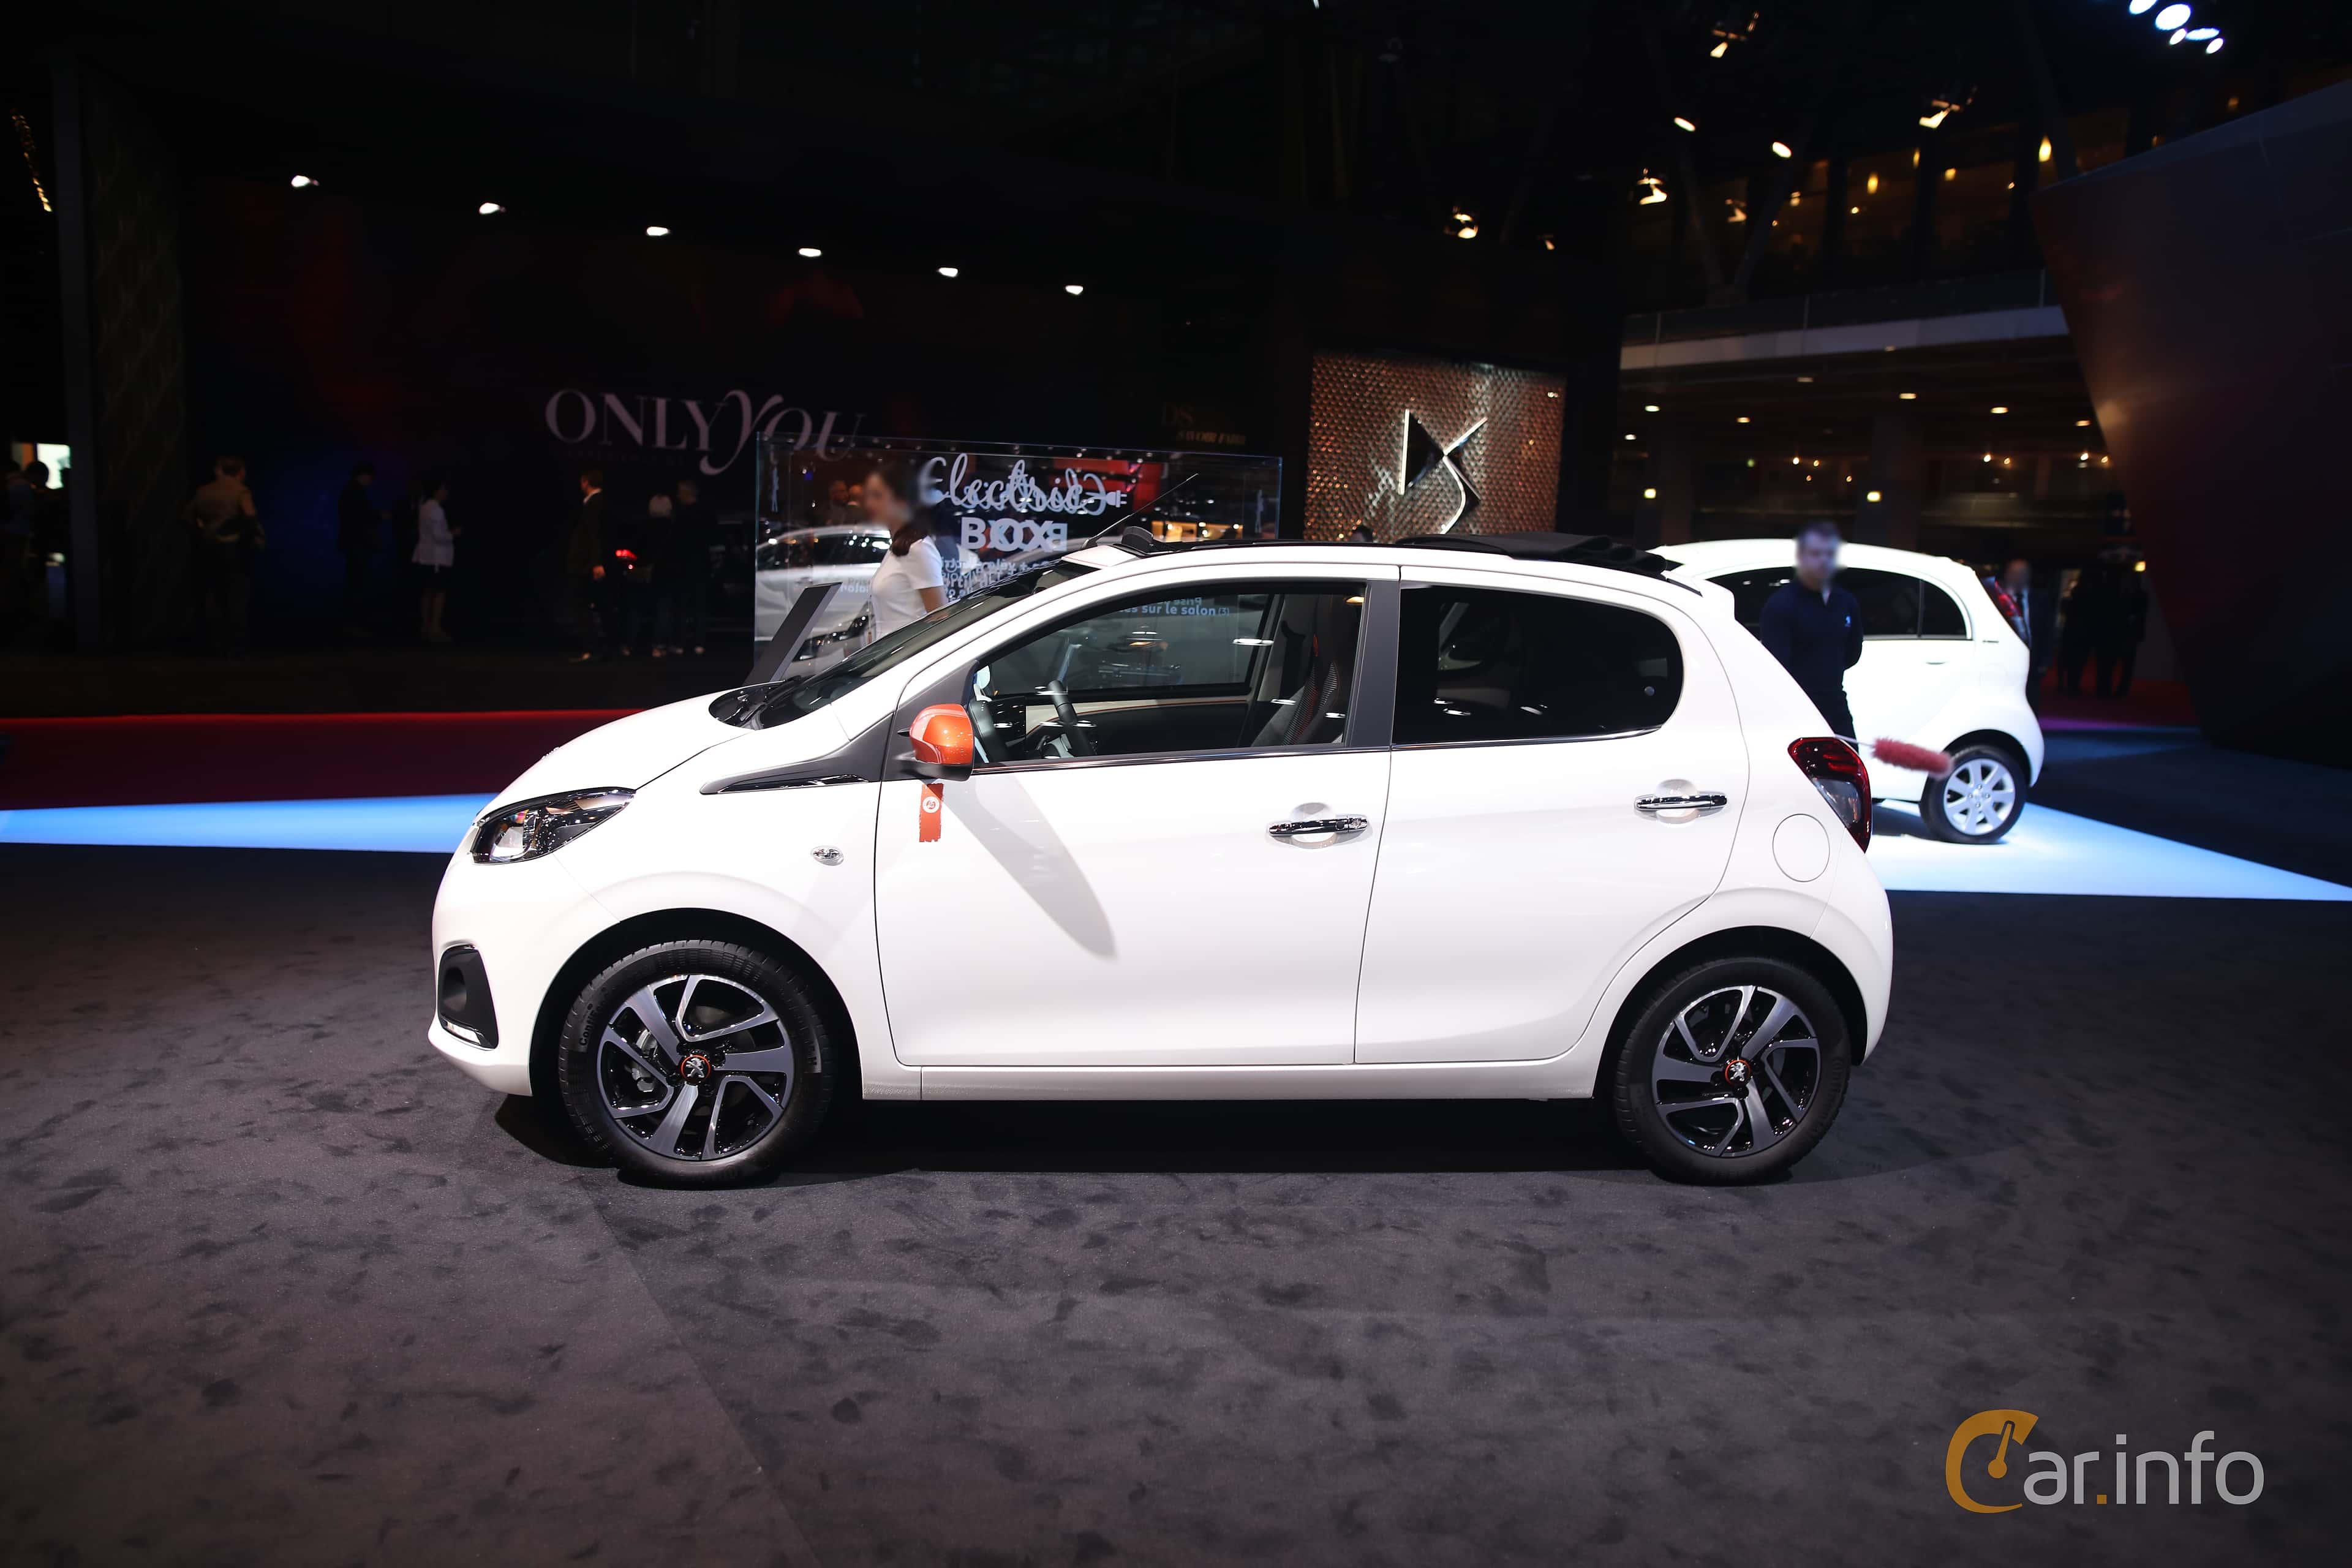 Peugeot 108 1.0 VTi 1st Generation, ETG5